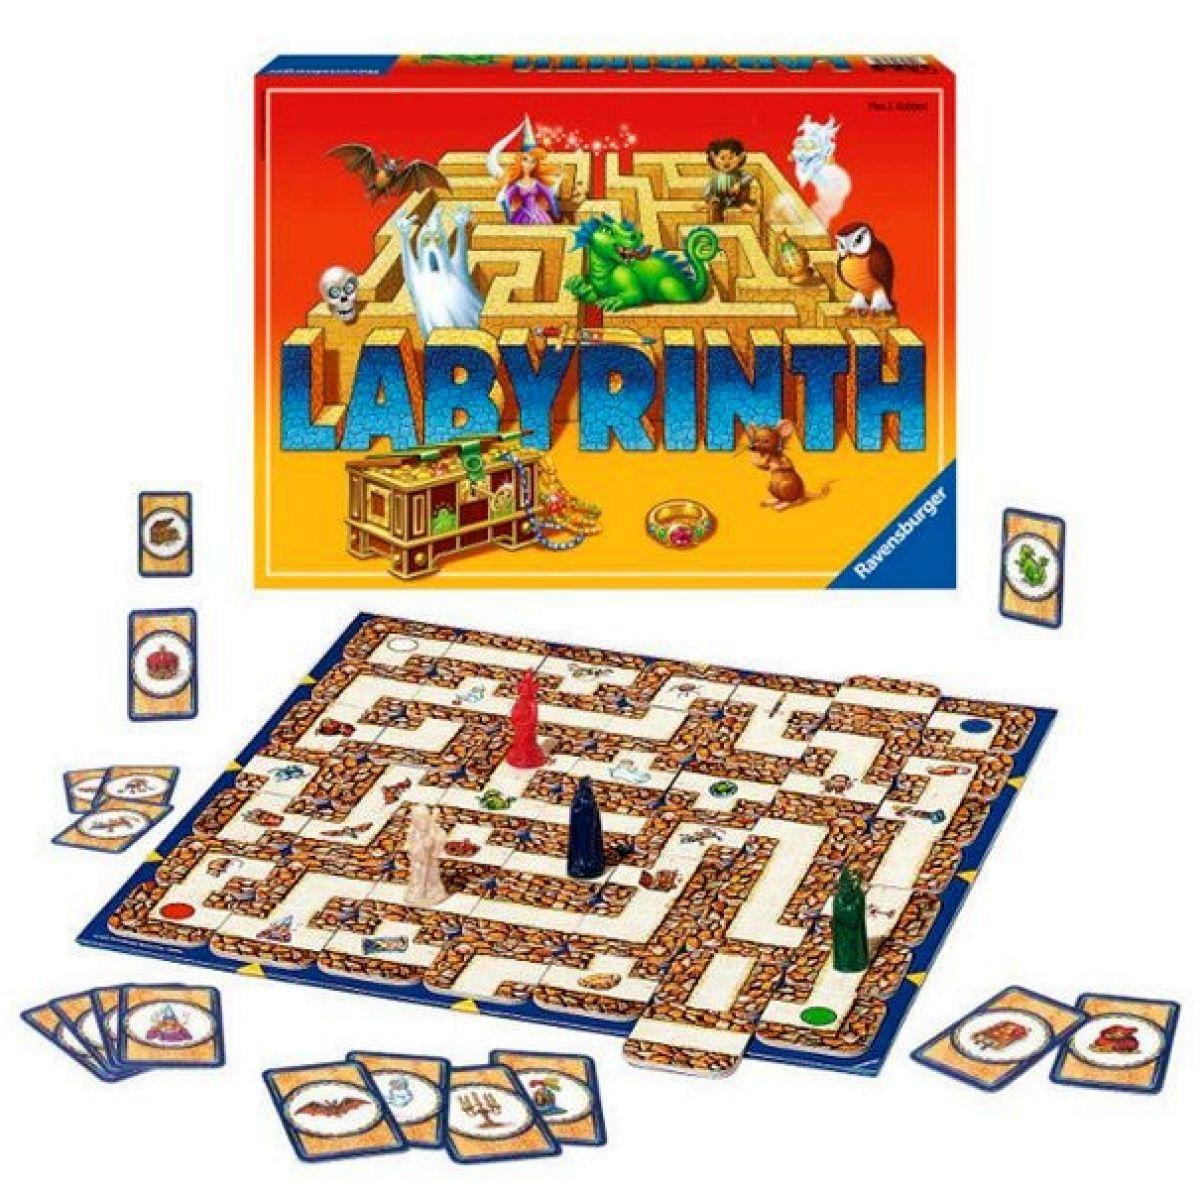 Ravensburger Tajemnice Labyrintu - Poškozený obal